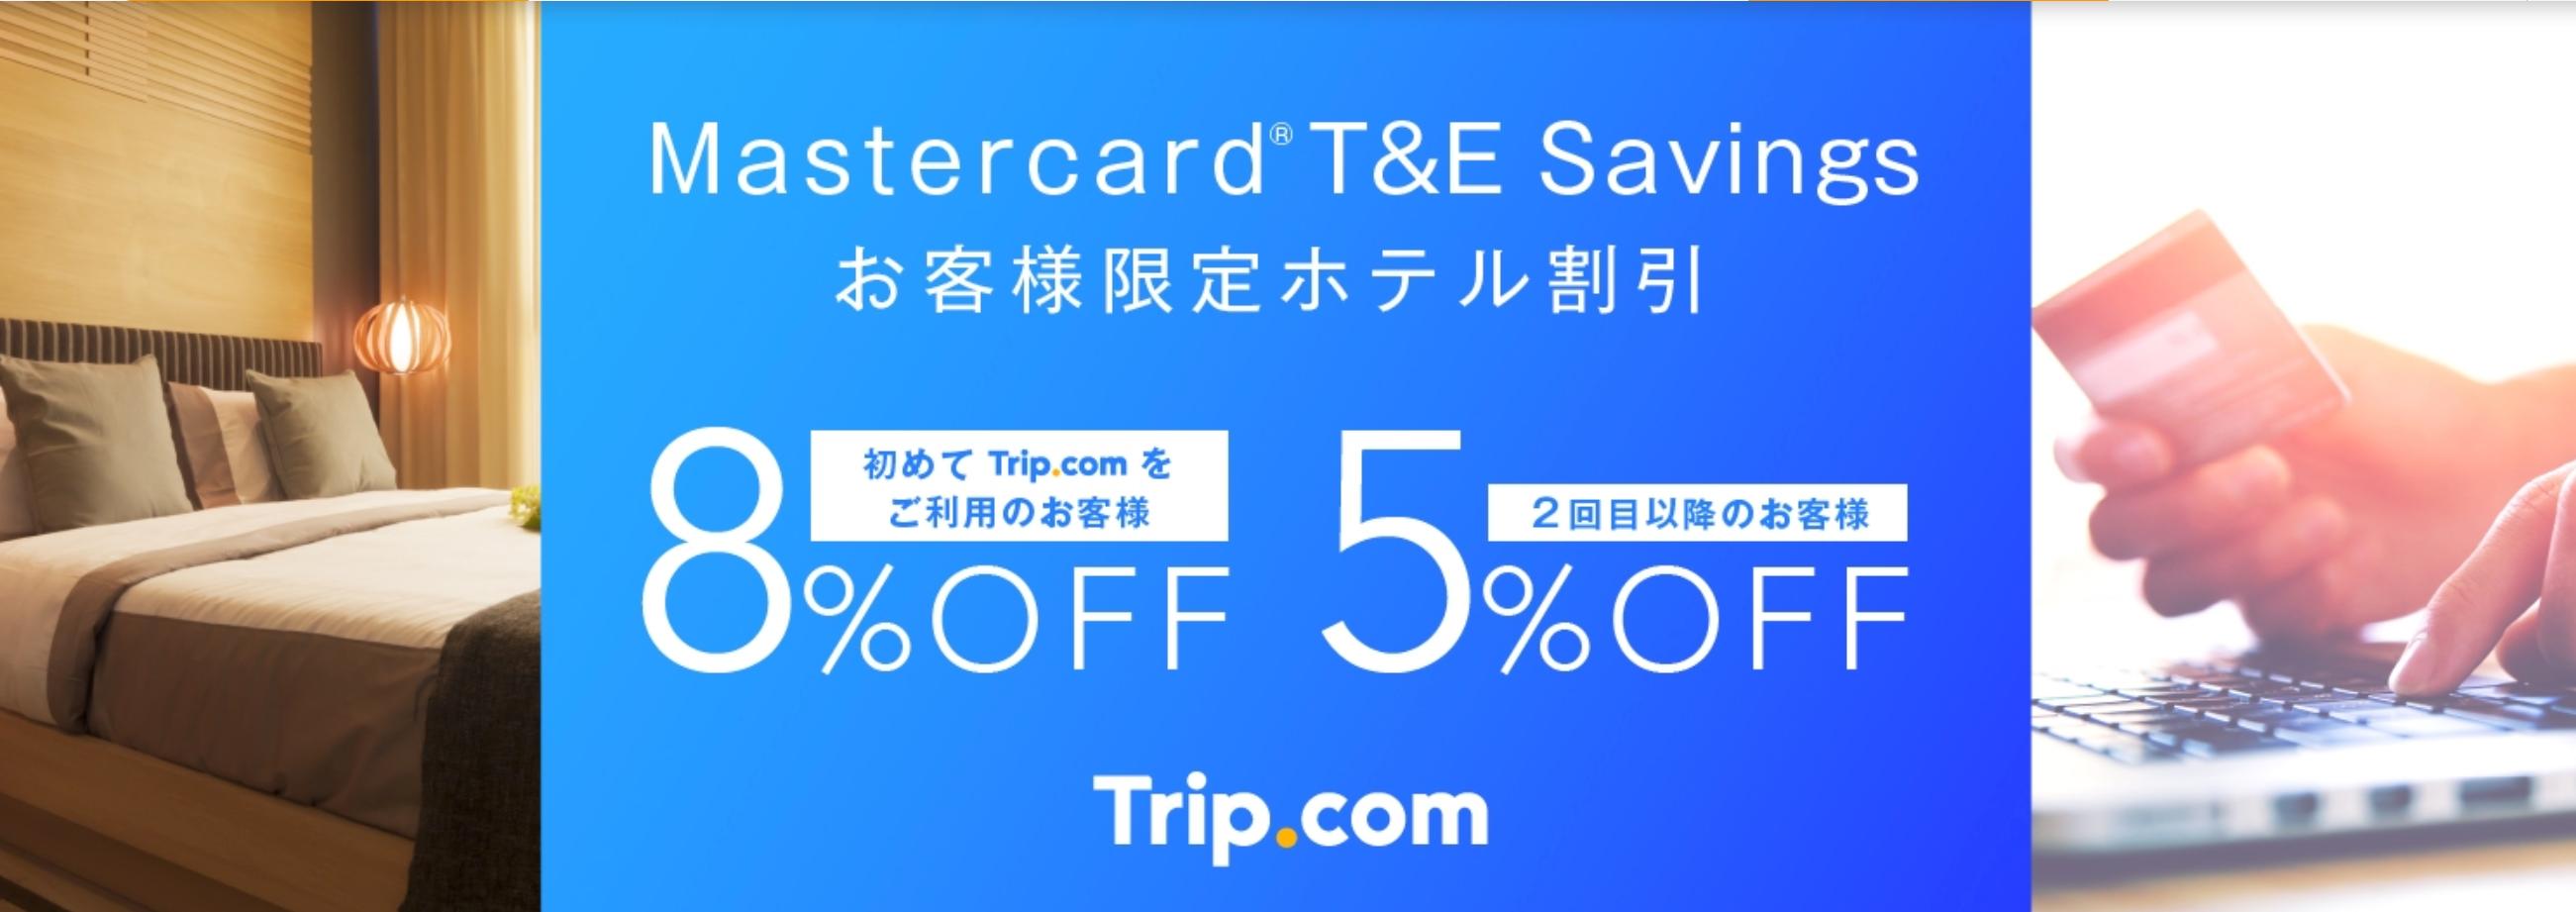 Trip.com × MasterCard会員限定 海外ホテル予約8%割引&5%割引クーポン